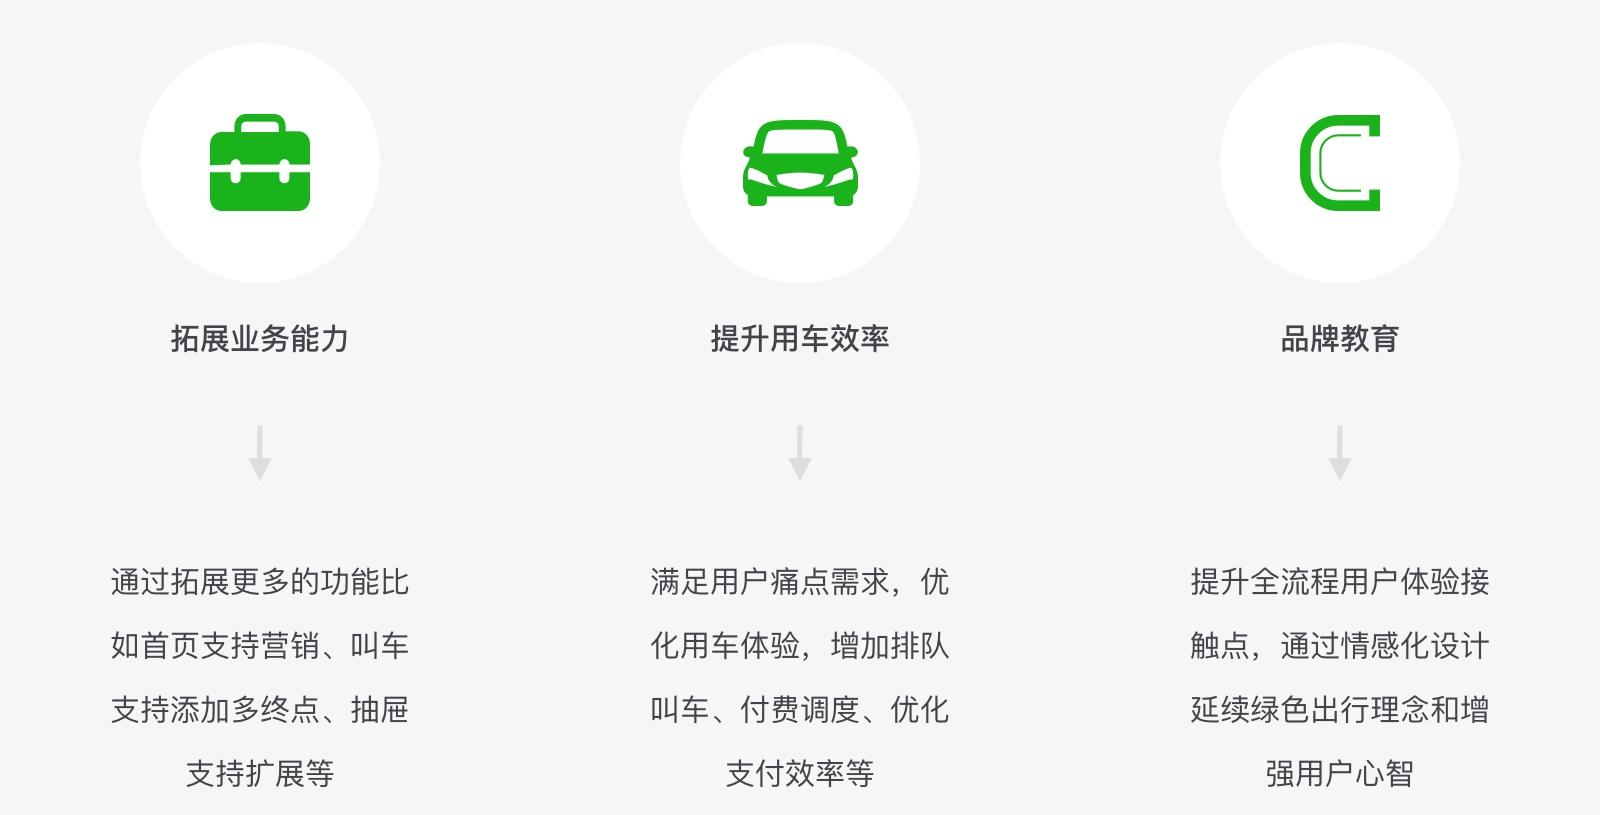 实战案例!上亿人使用的曹操出行4.0是如何做设计改版的?